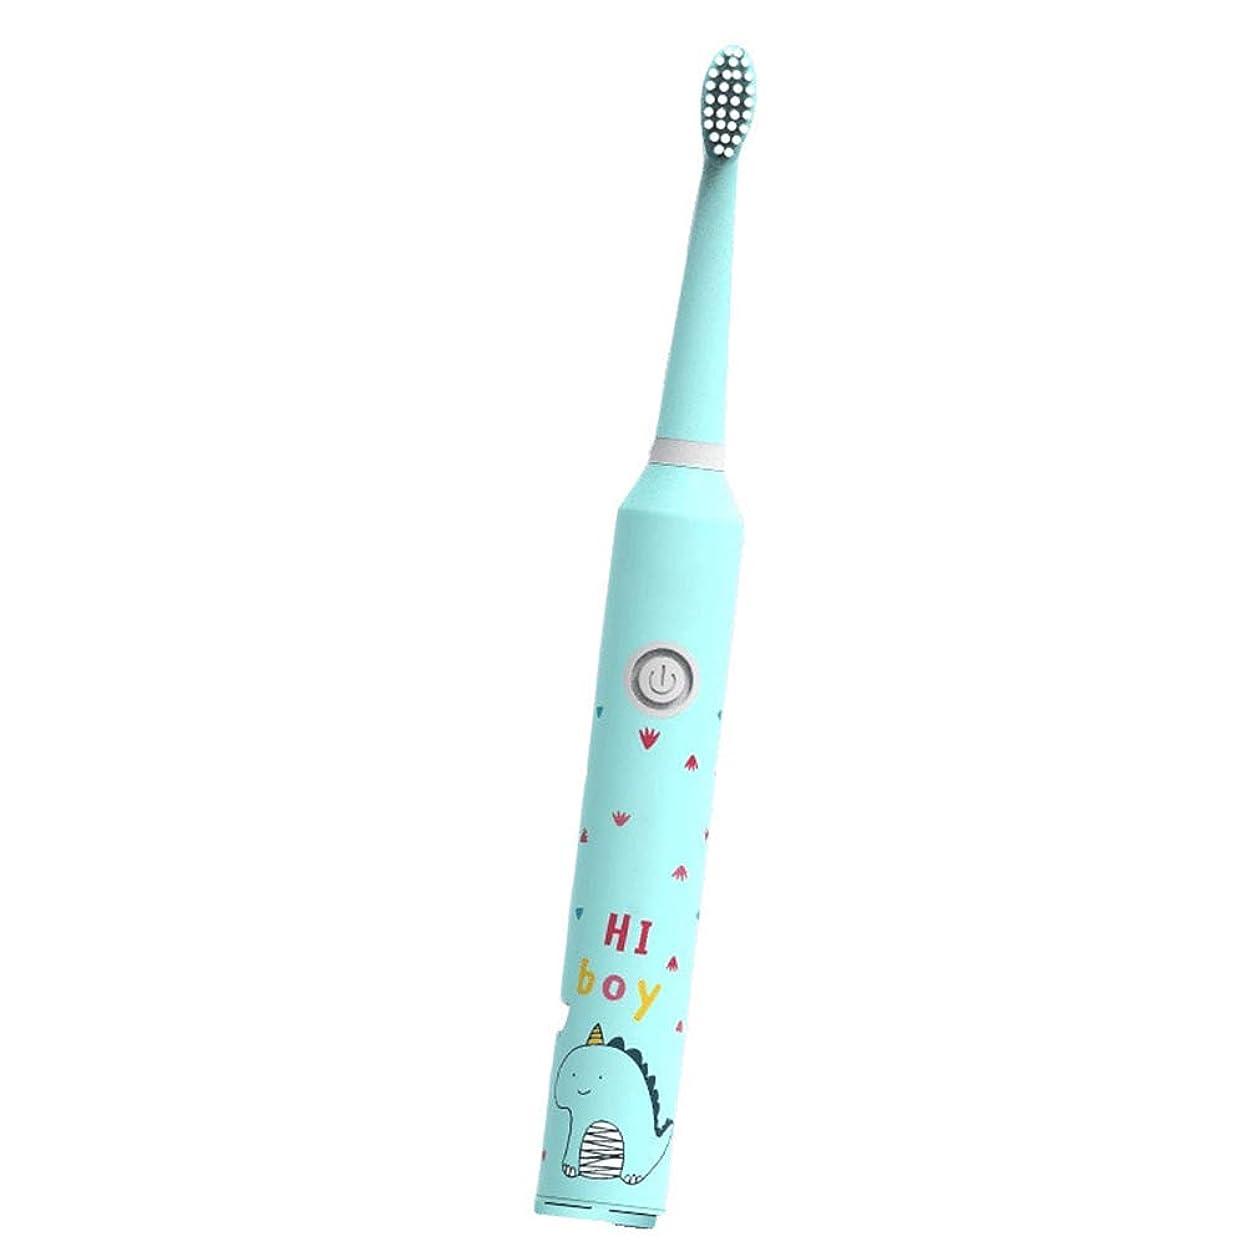 ページ混沌ハンドブック歯ブラシの取り外しのための取り替えのブラシの頭部および歯を白くすることを用いる子供の電動歯ブラシ(子供の電子歯ブラシ)